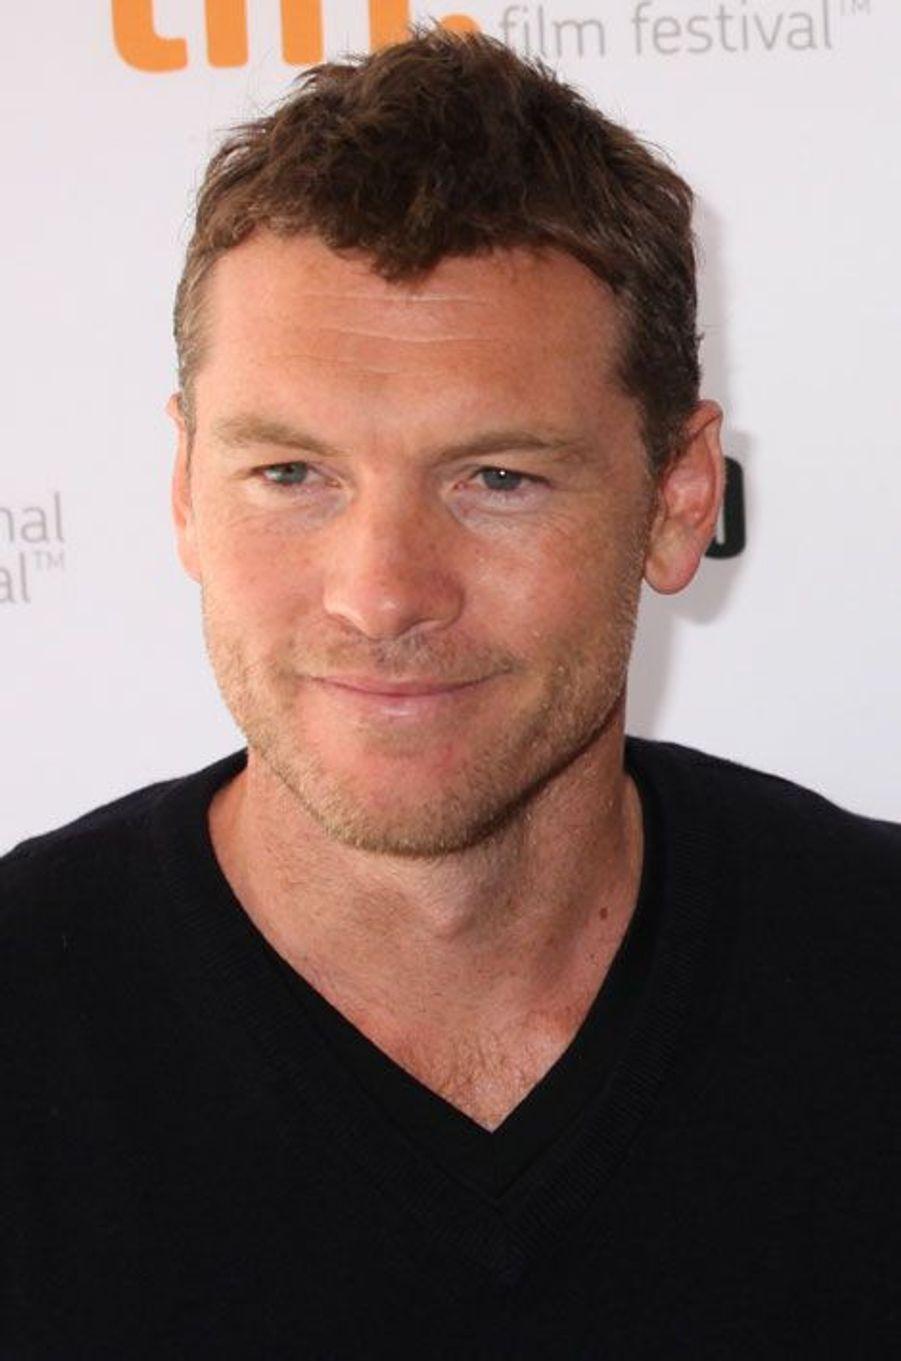 Lui aussi avait postulé pour le rôle de James Bond dans «Casino Royale» et avait été battu par Daniel Craig. Aujourd'hui, l'acteur britanno-australien de 38 ans a beaucoup plus de prestige qu'auparavant grâce à ses rôles dans «Avatar», «Terminator Renaissance» ou encore le récent «Cake».